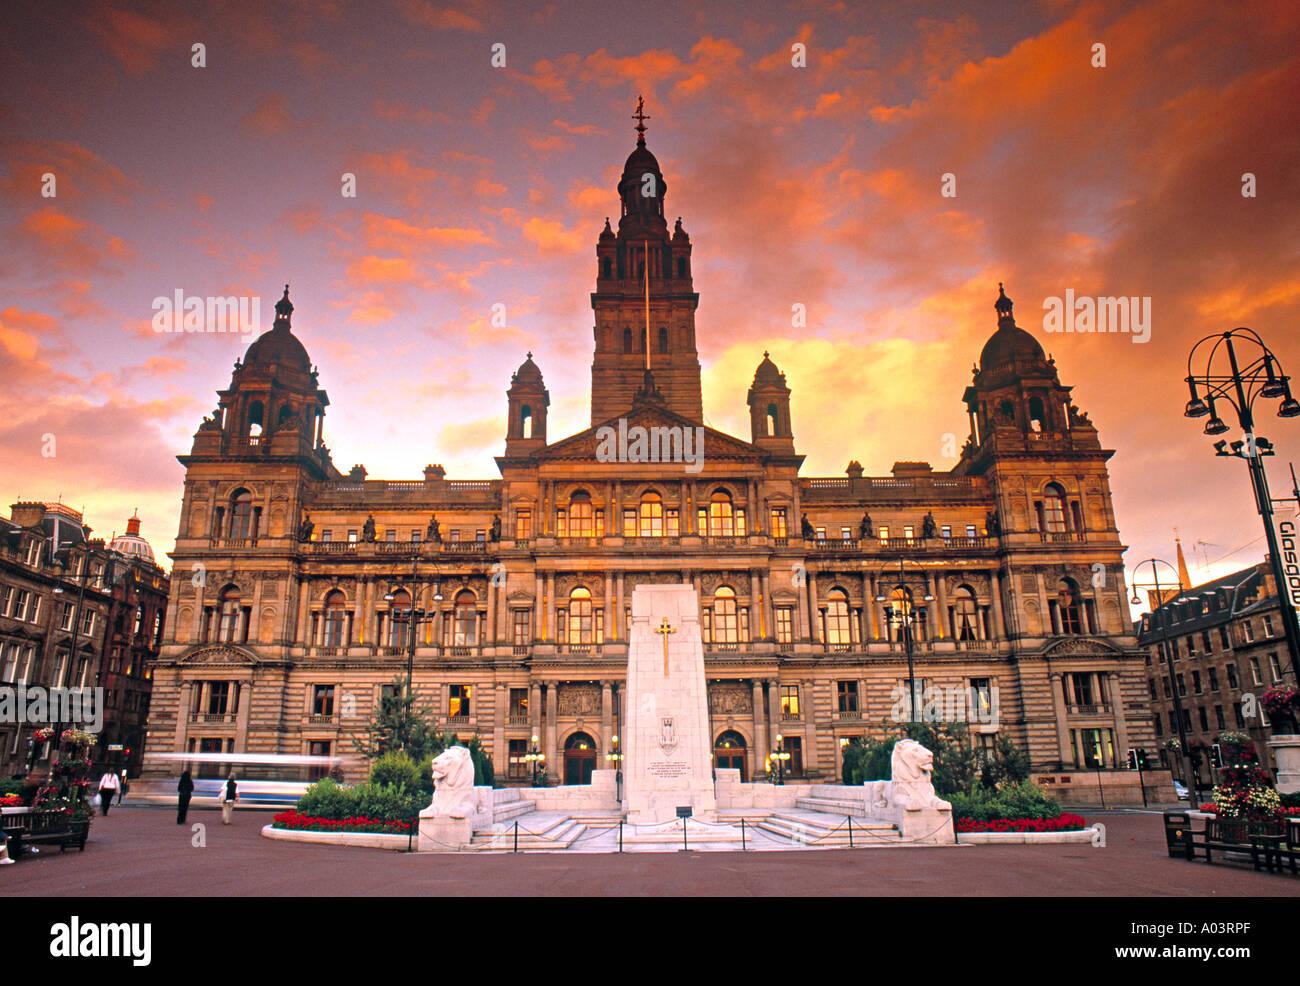 City Chambers e George Square. Glasgow, Scozia Immagini Stock